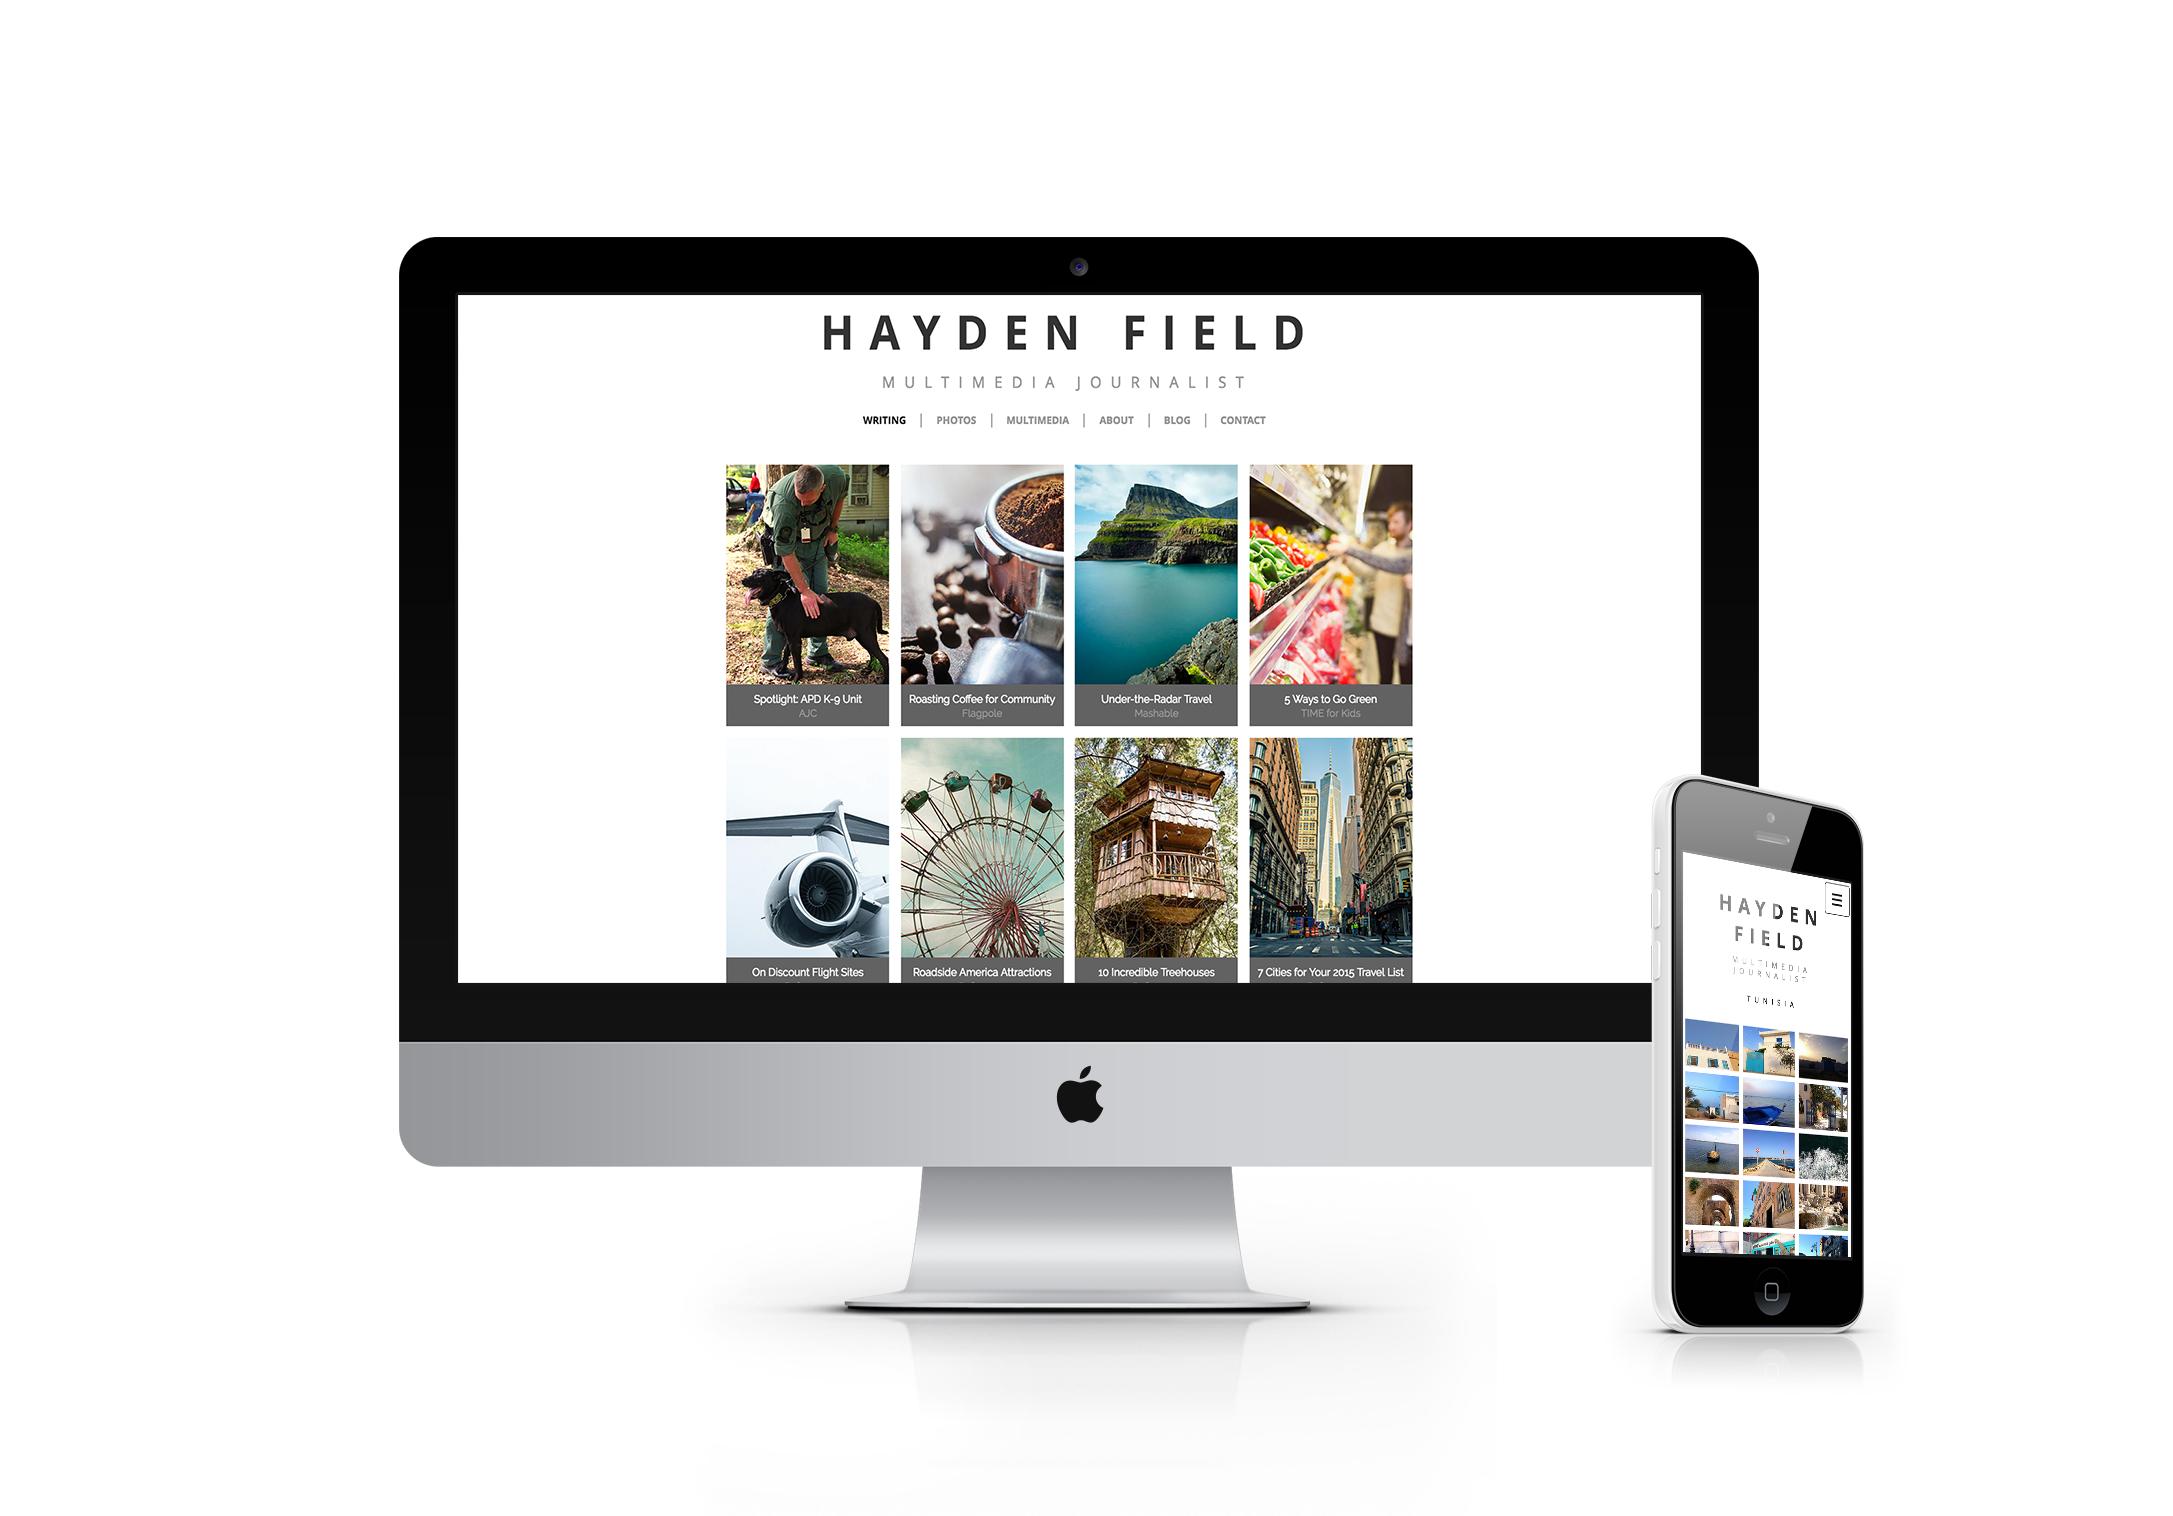 Hayden Field